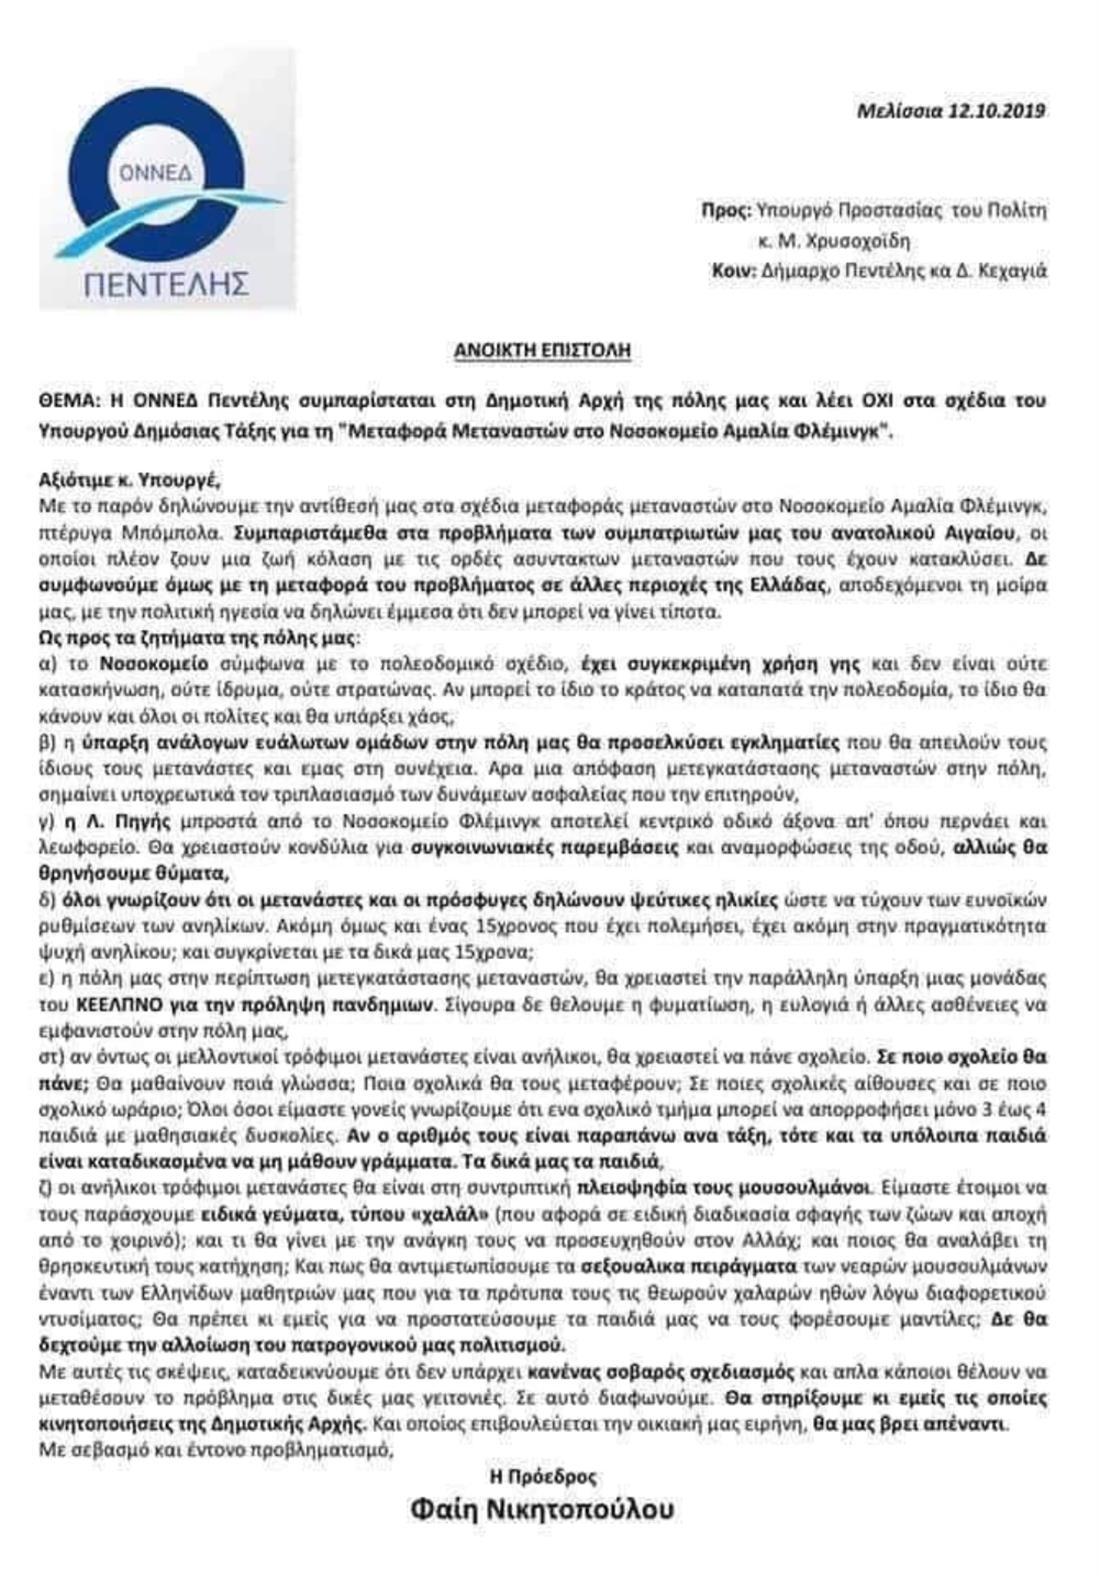 ΟΝΝΕΔ Πεντέλης - Επιστολή - Πρόσφυγες